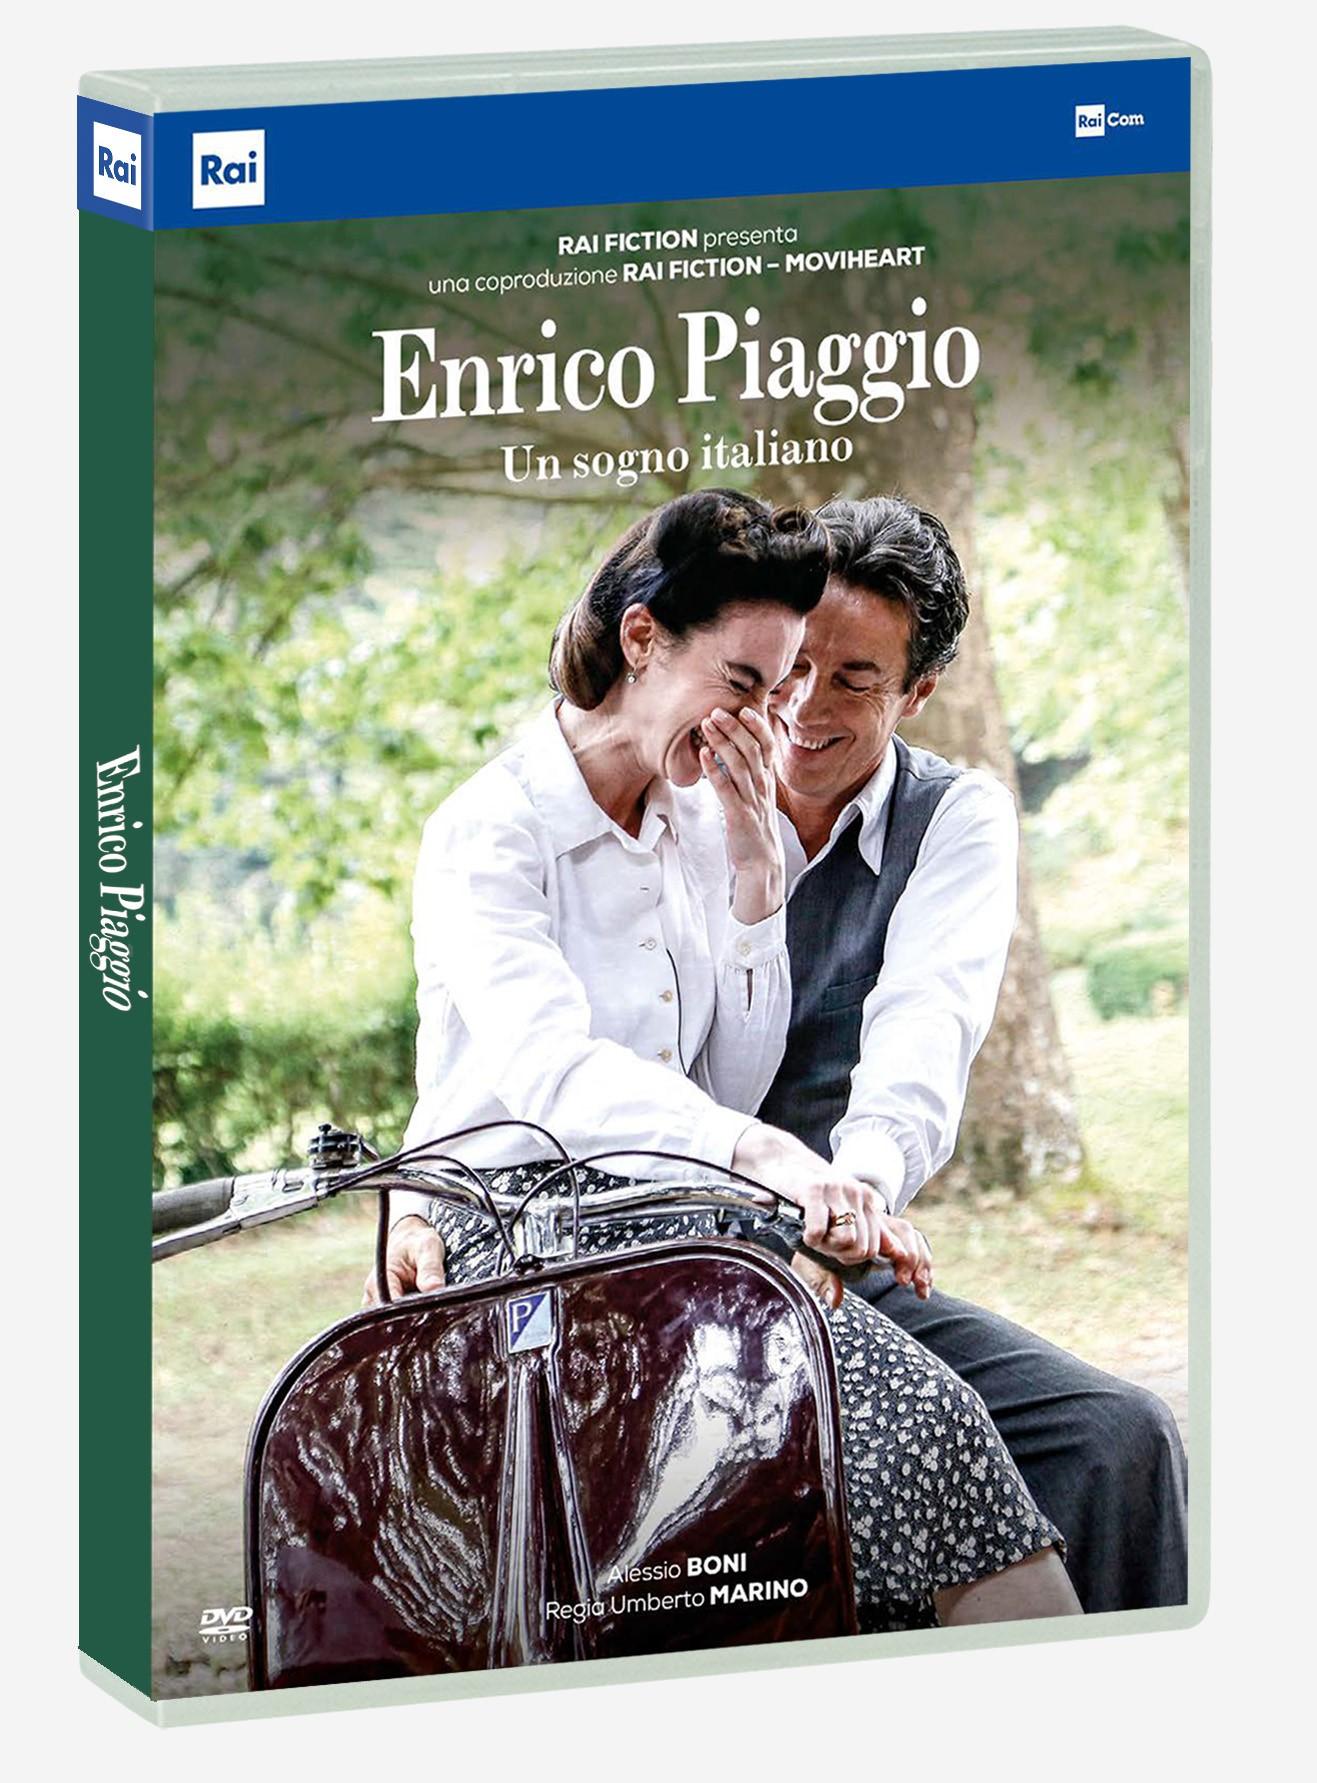 ENRICO PIAGGIO - UN SOGNO ITALIANO (DVD)